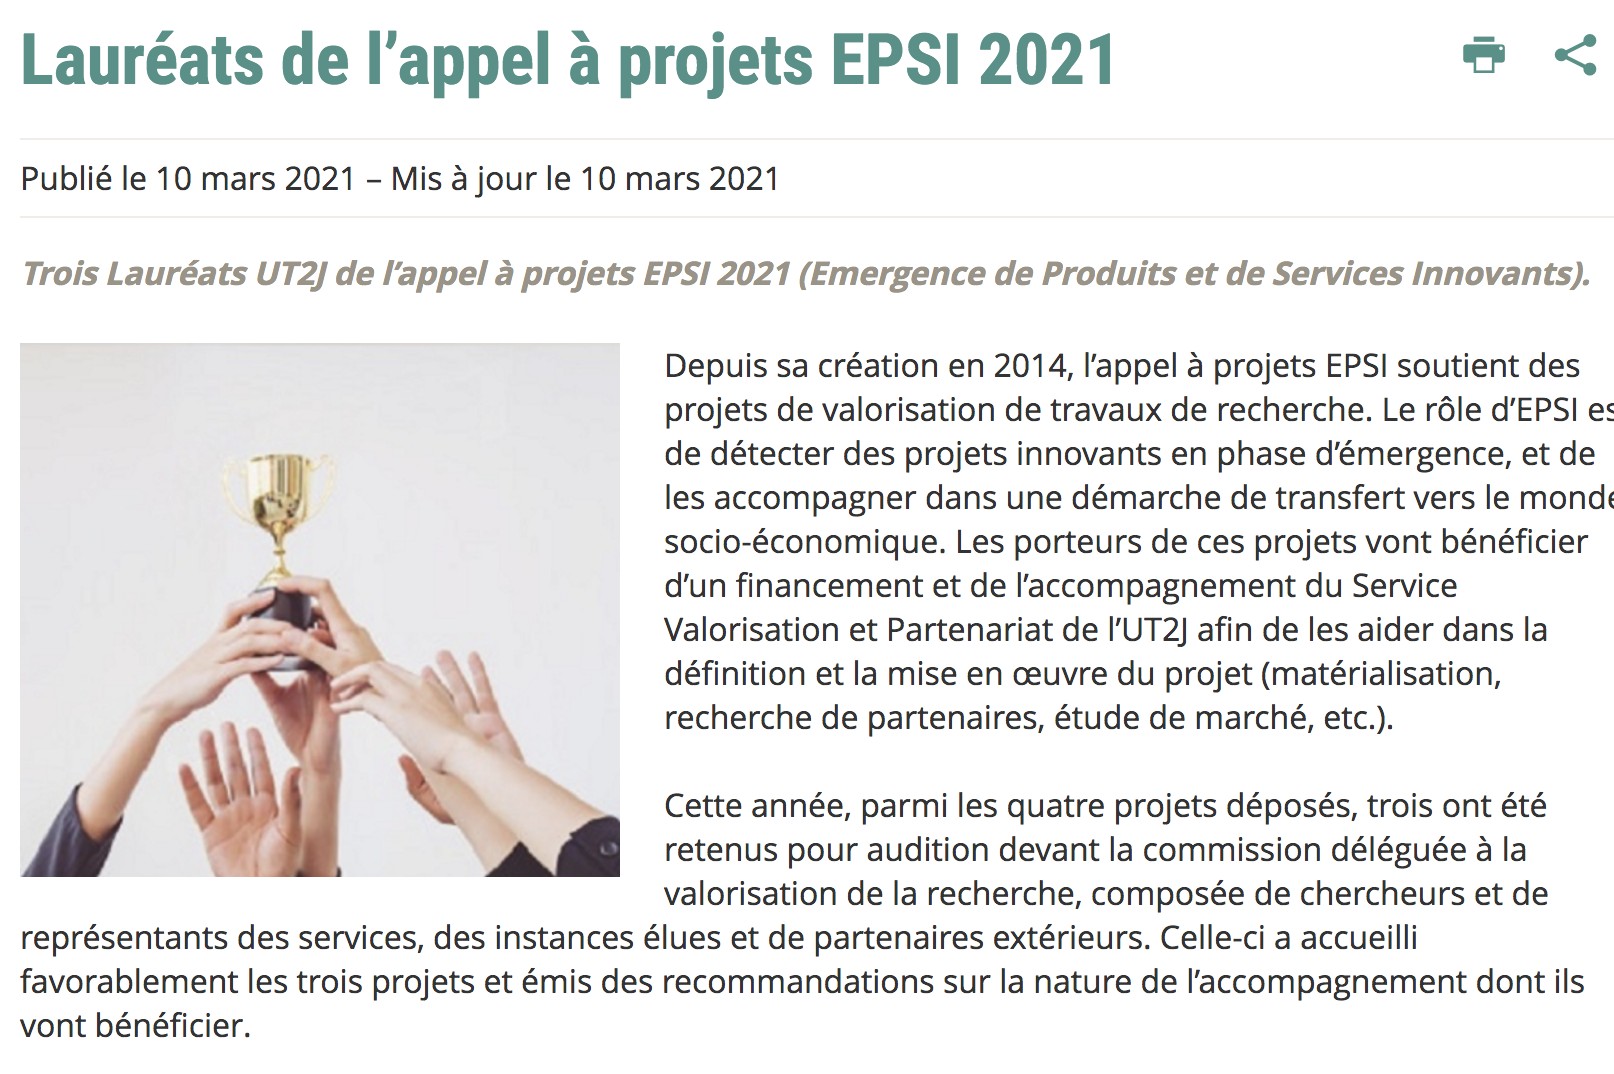 EPSI 2021